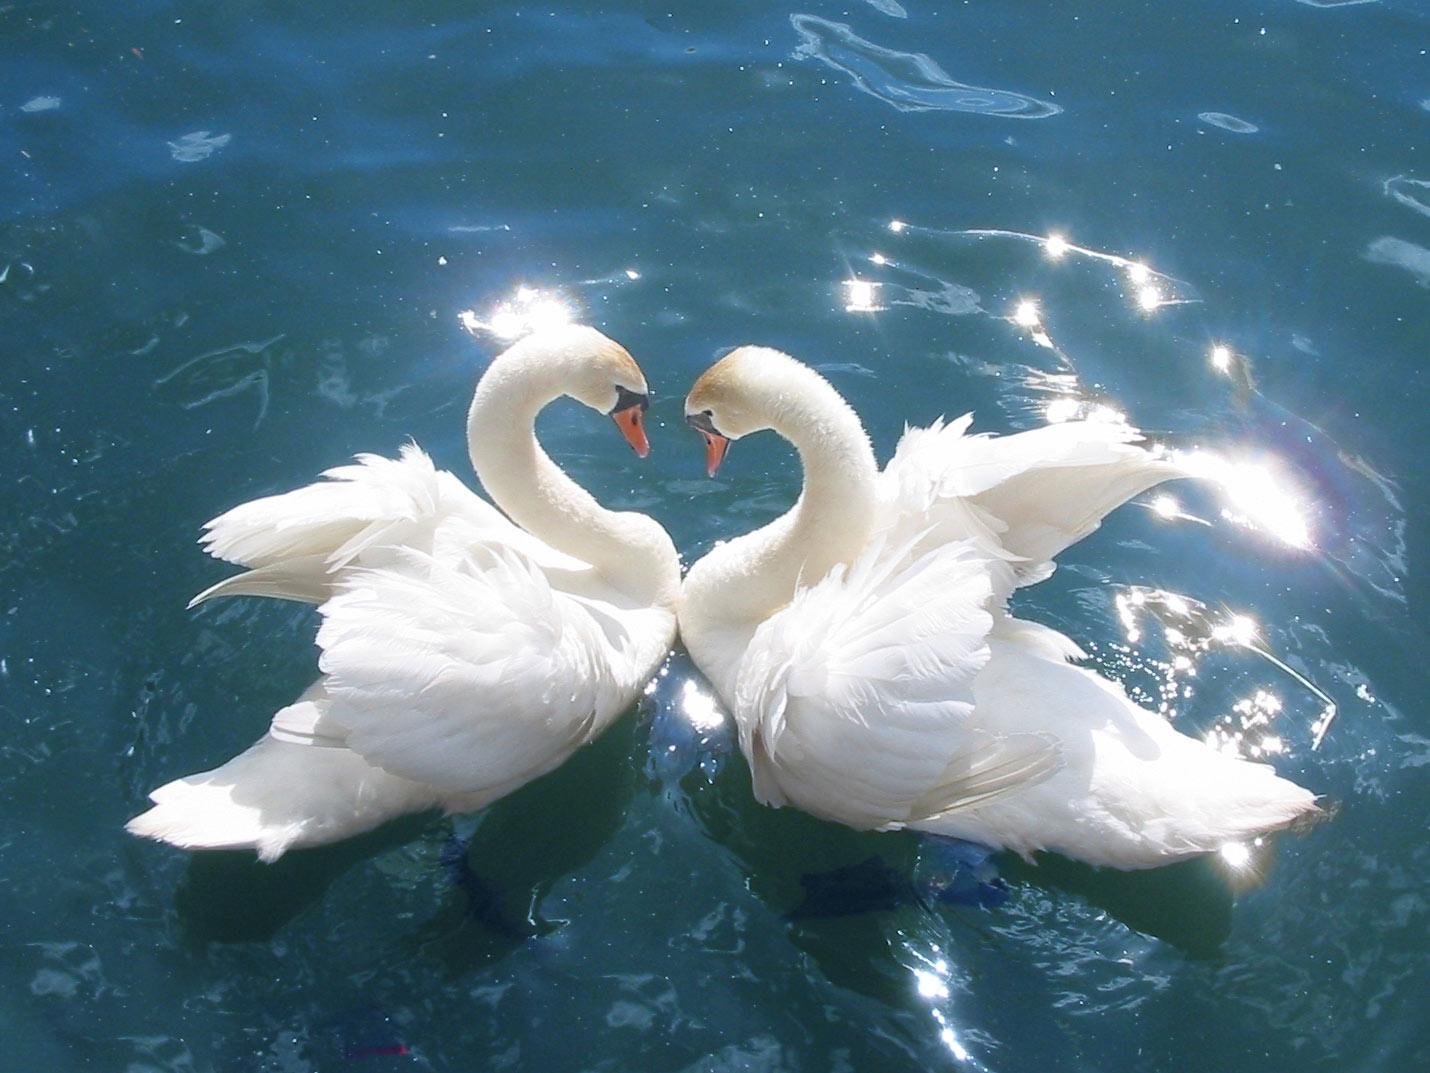 Swan 002 عکس های بسیار زیبا از قو های دوست داشتنی